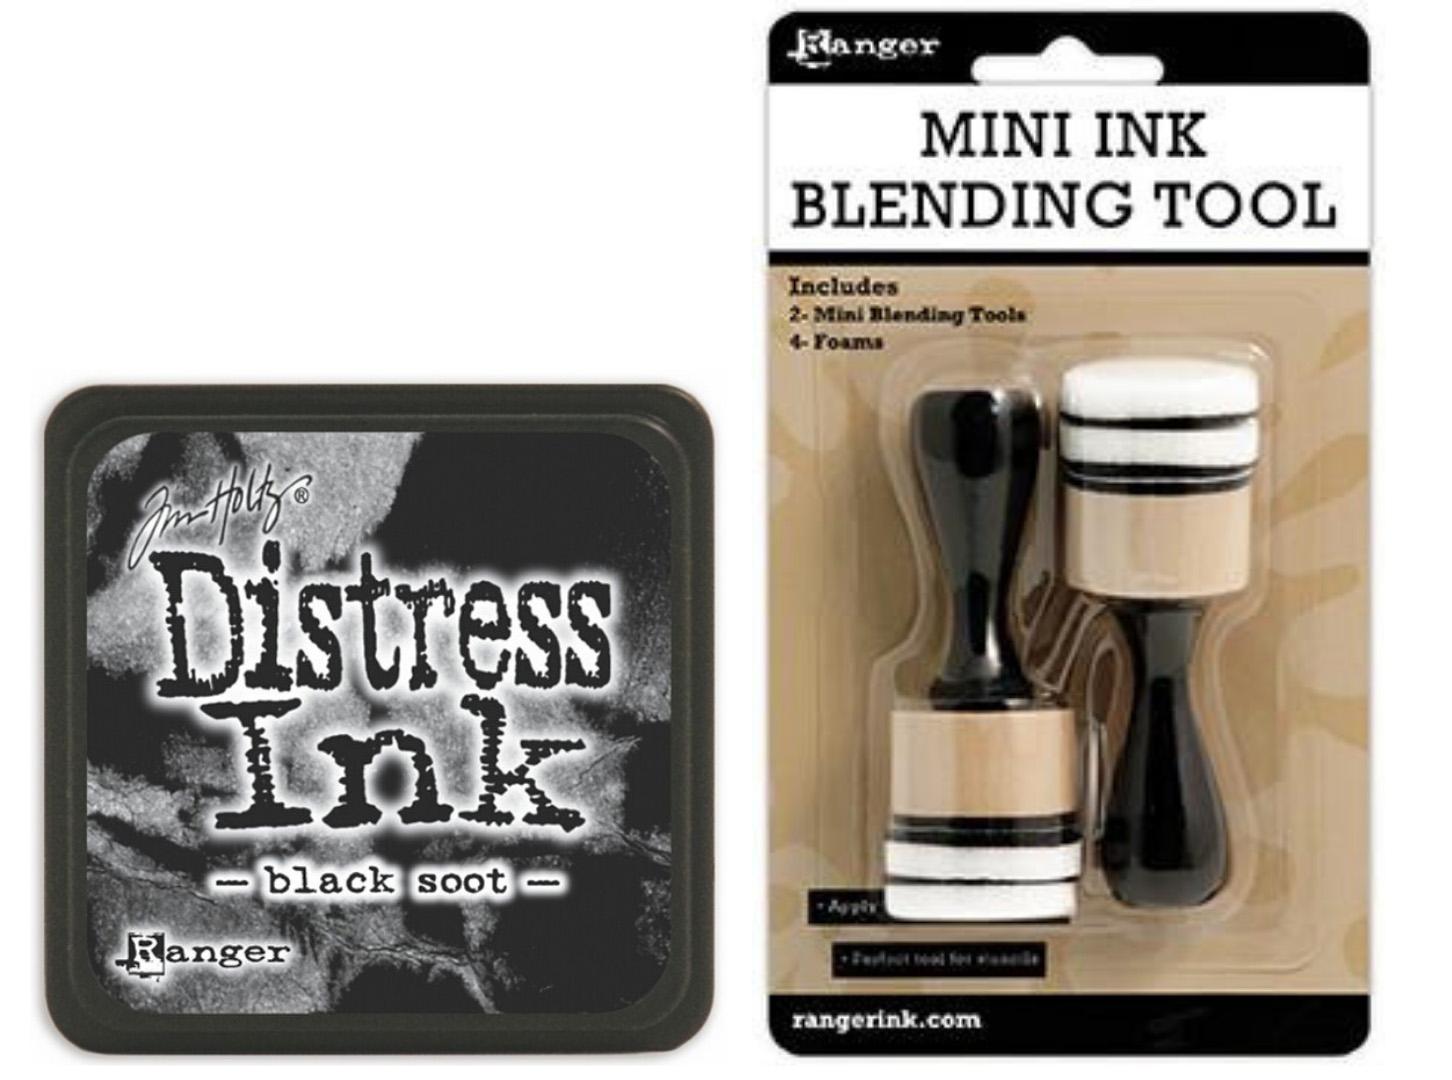 Ranger-Distress-ink-Blending-Tool